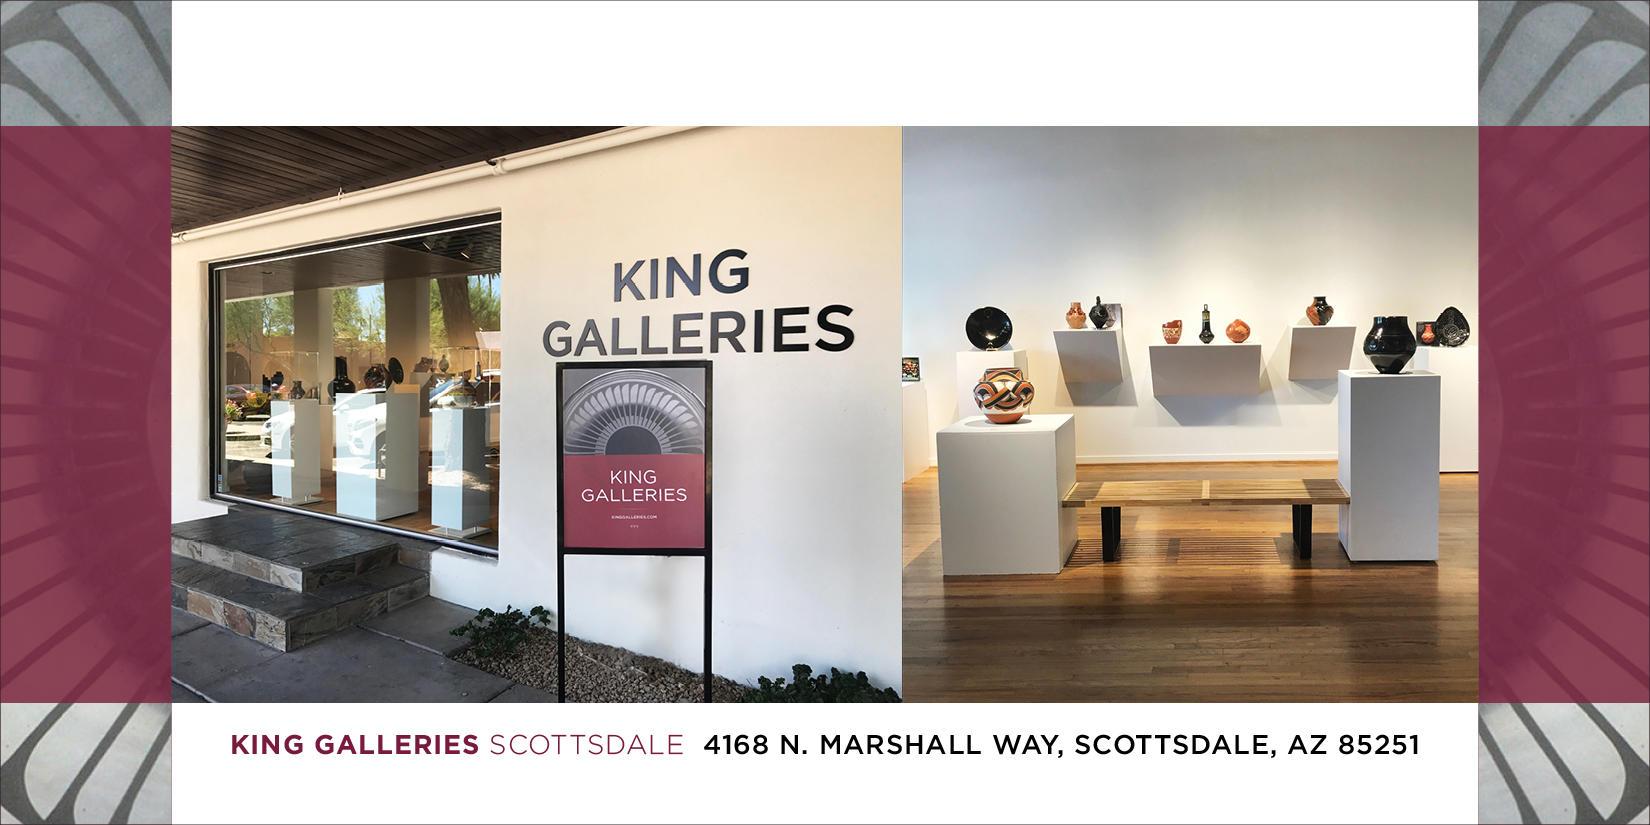 King Galleries - Scottsdale image 2